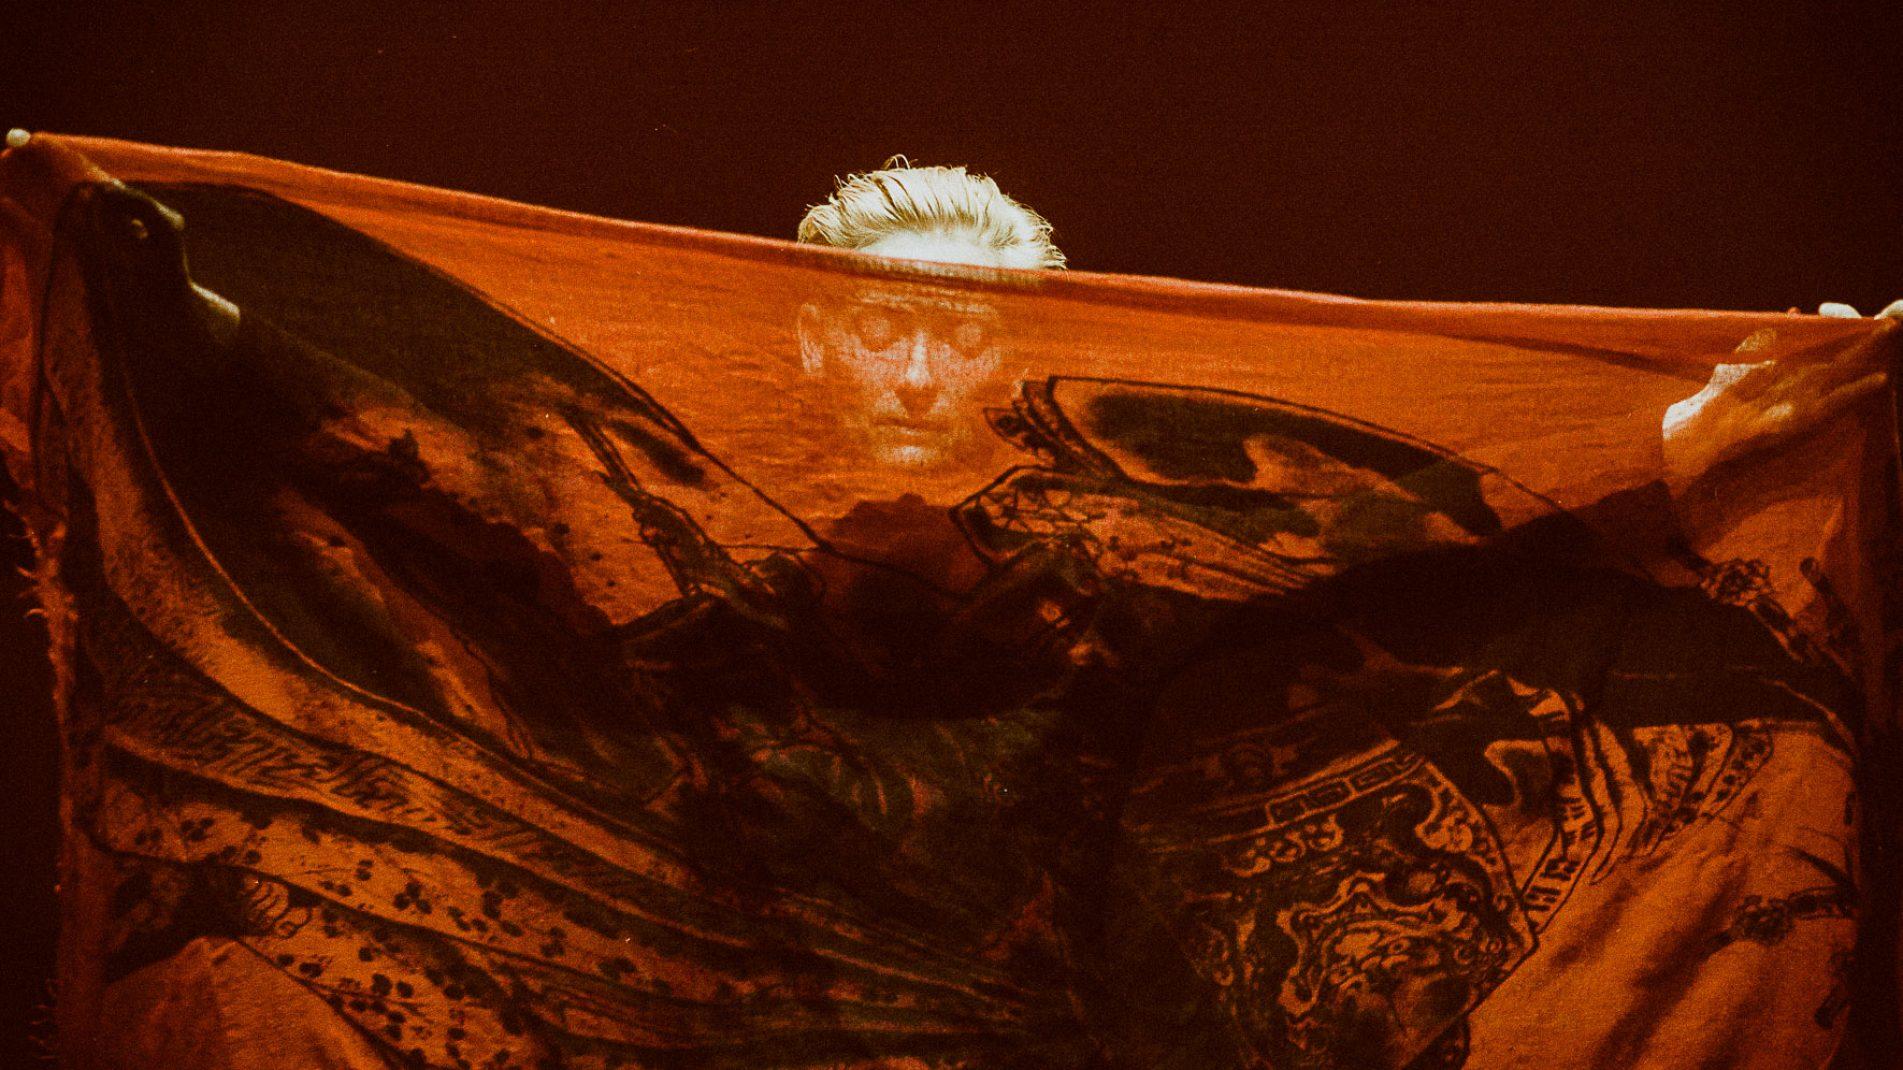 Tilda Swinton in CLOAKROOM by OlivierSaillard © IMAGEAGENCY